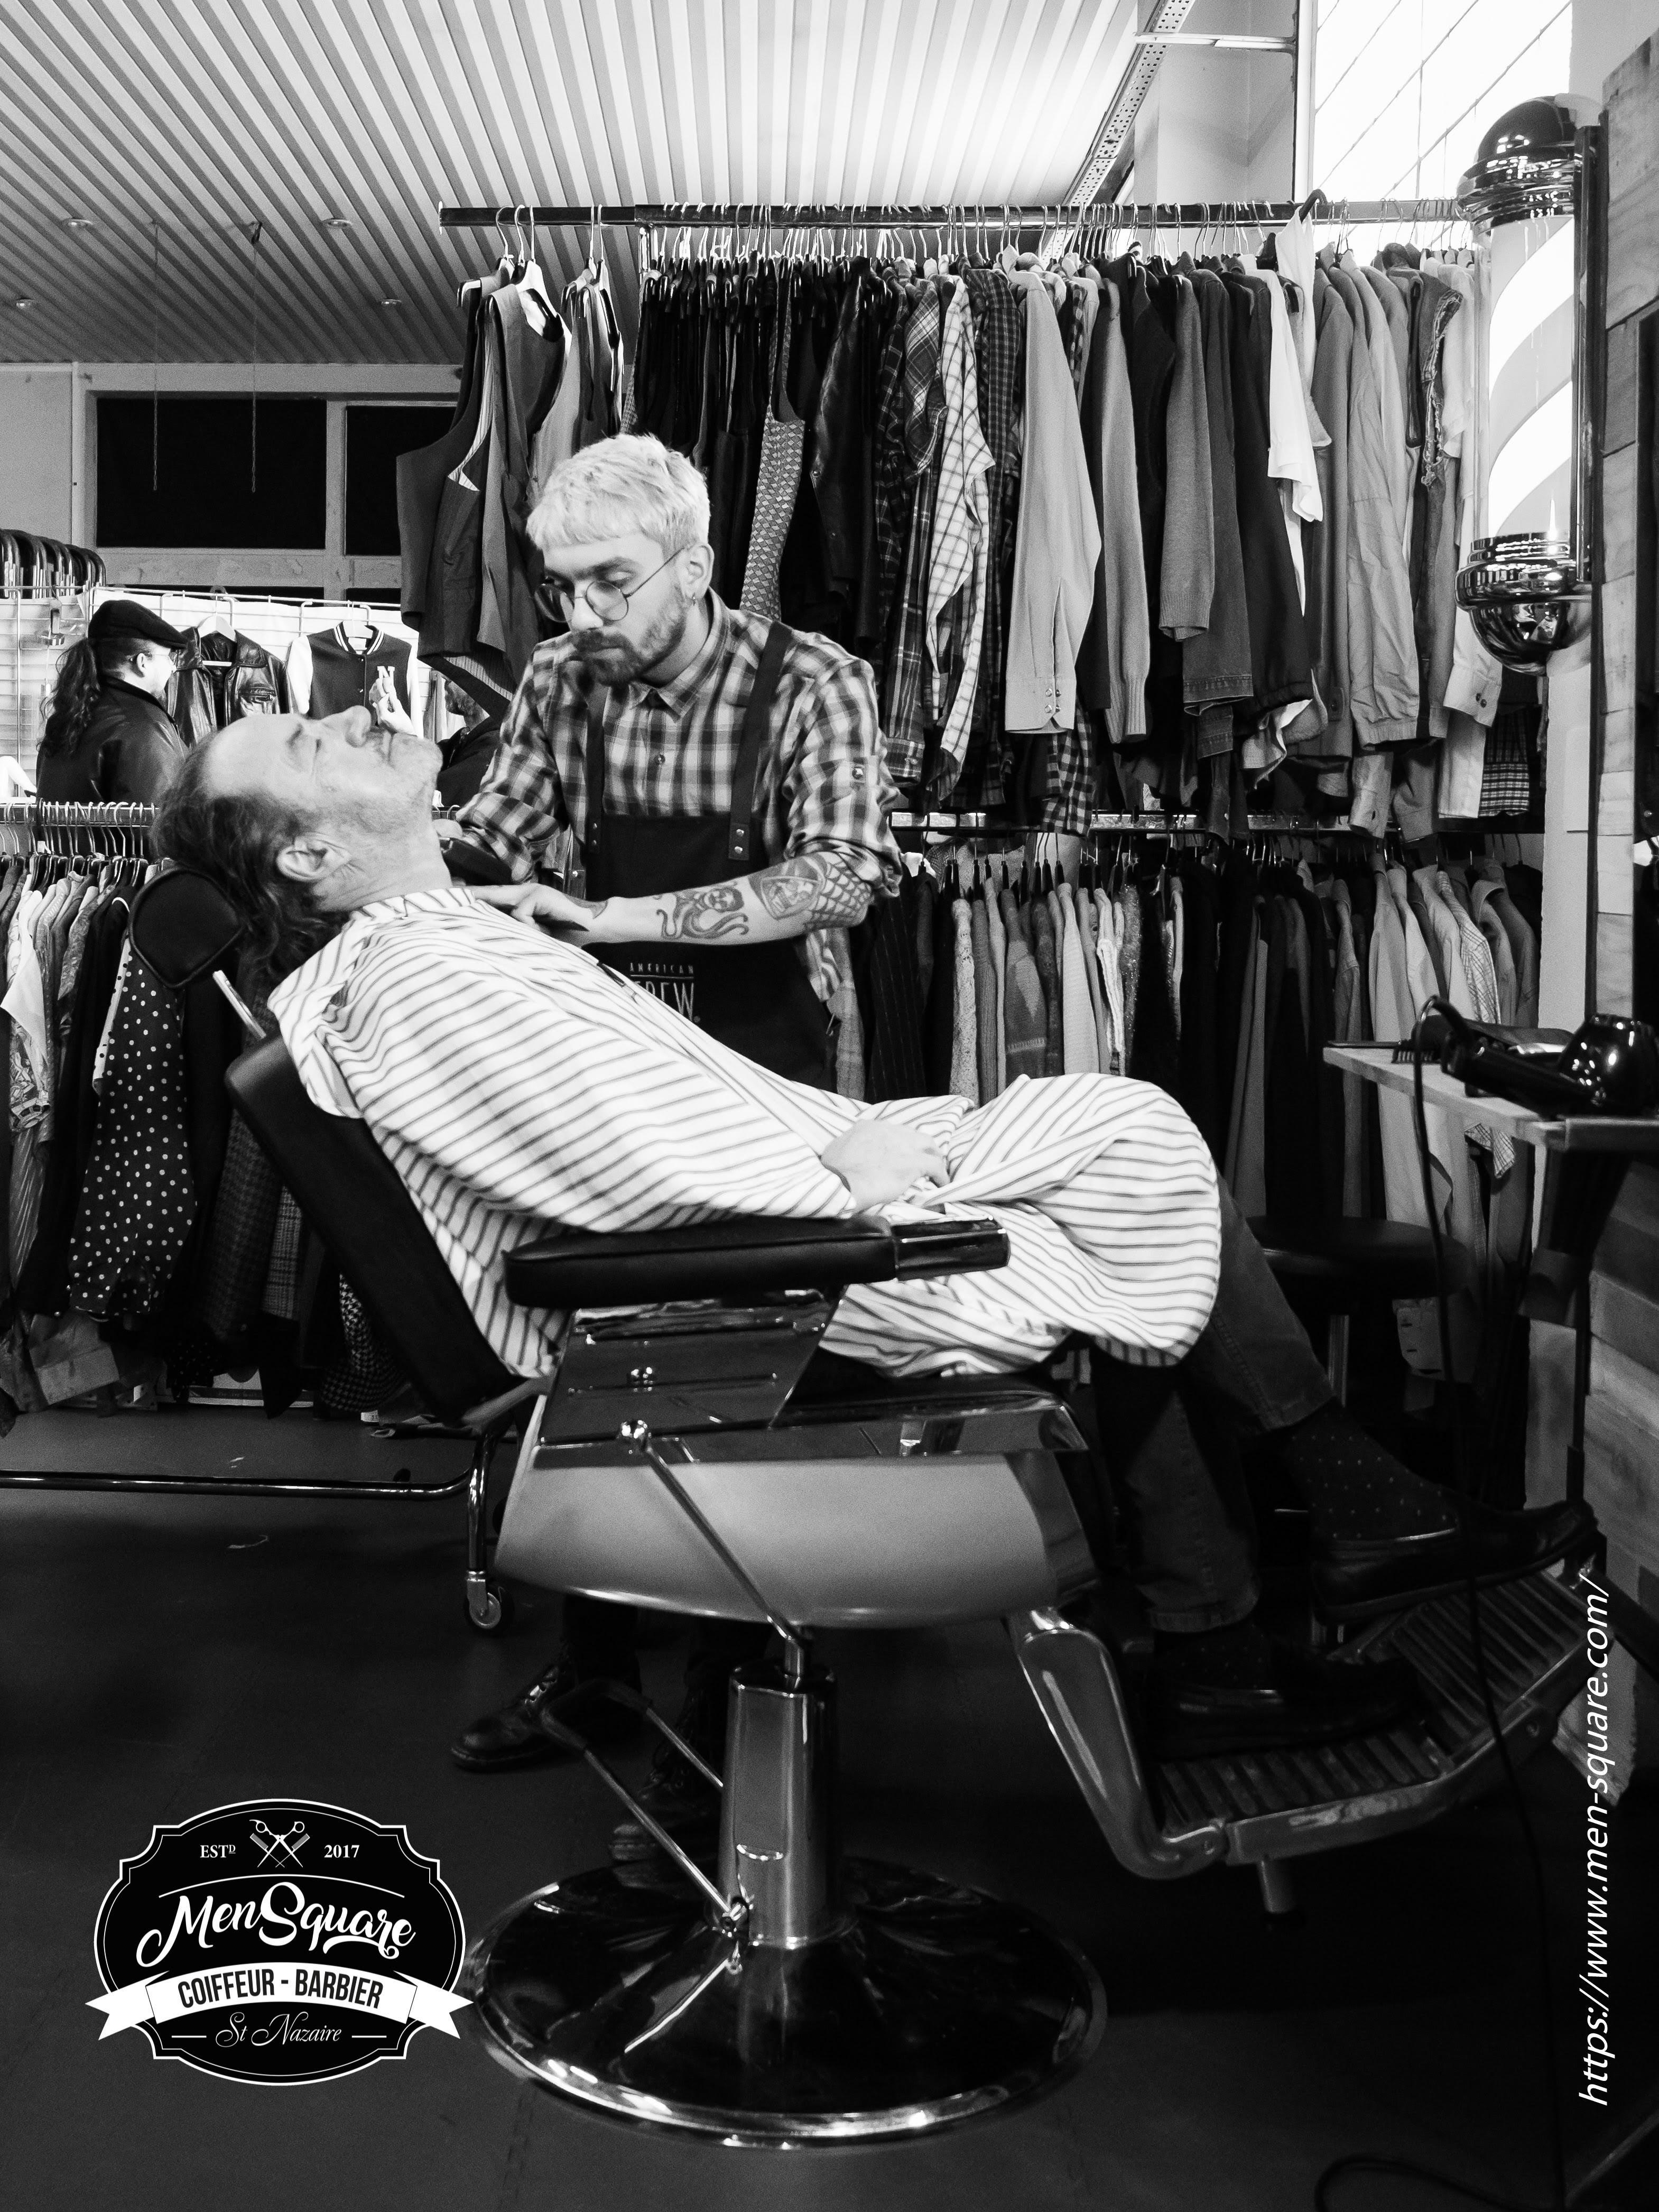 Salon du vintage 2019